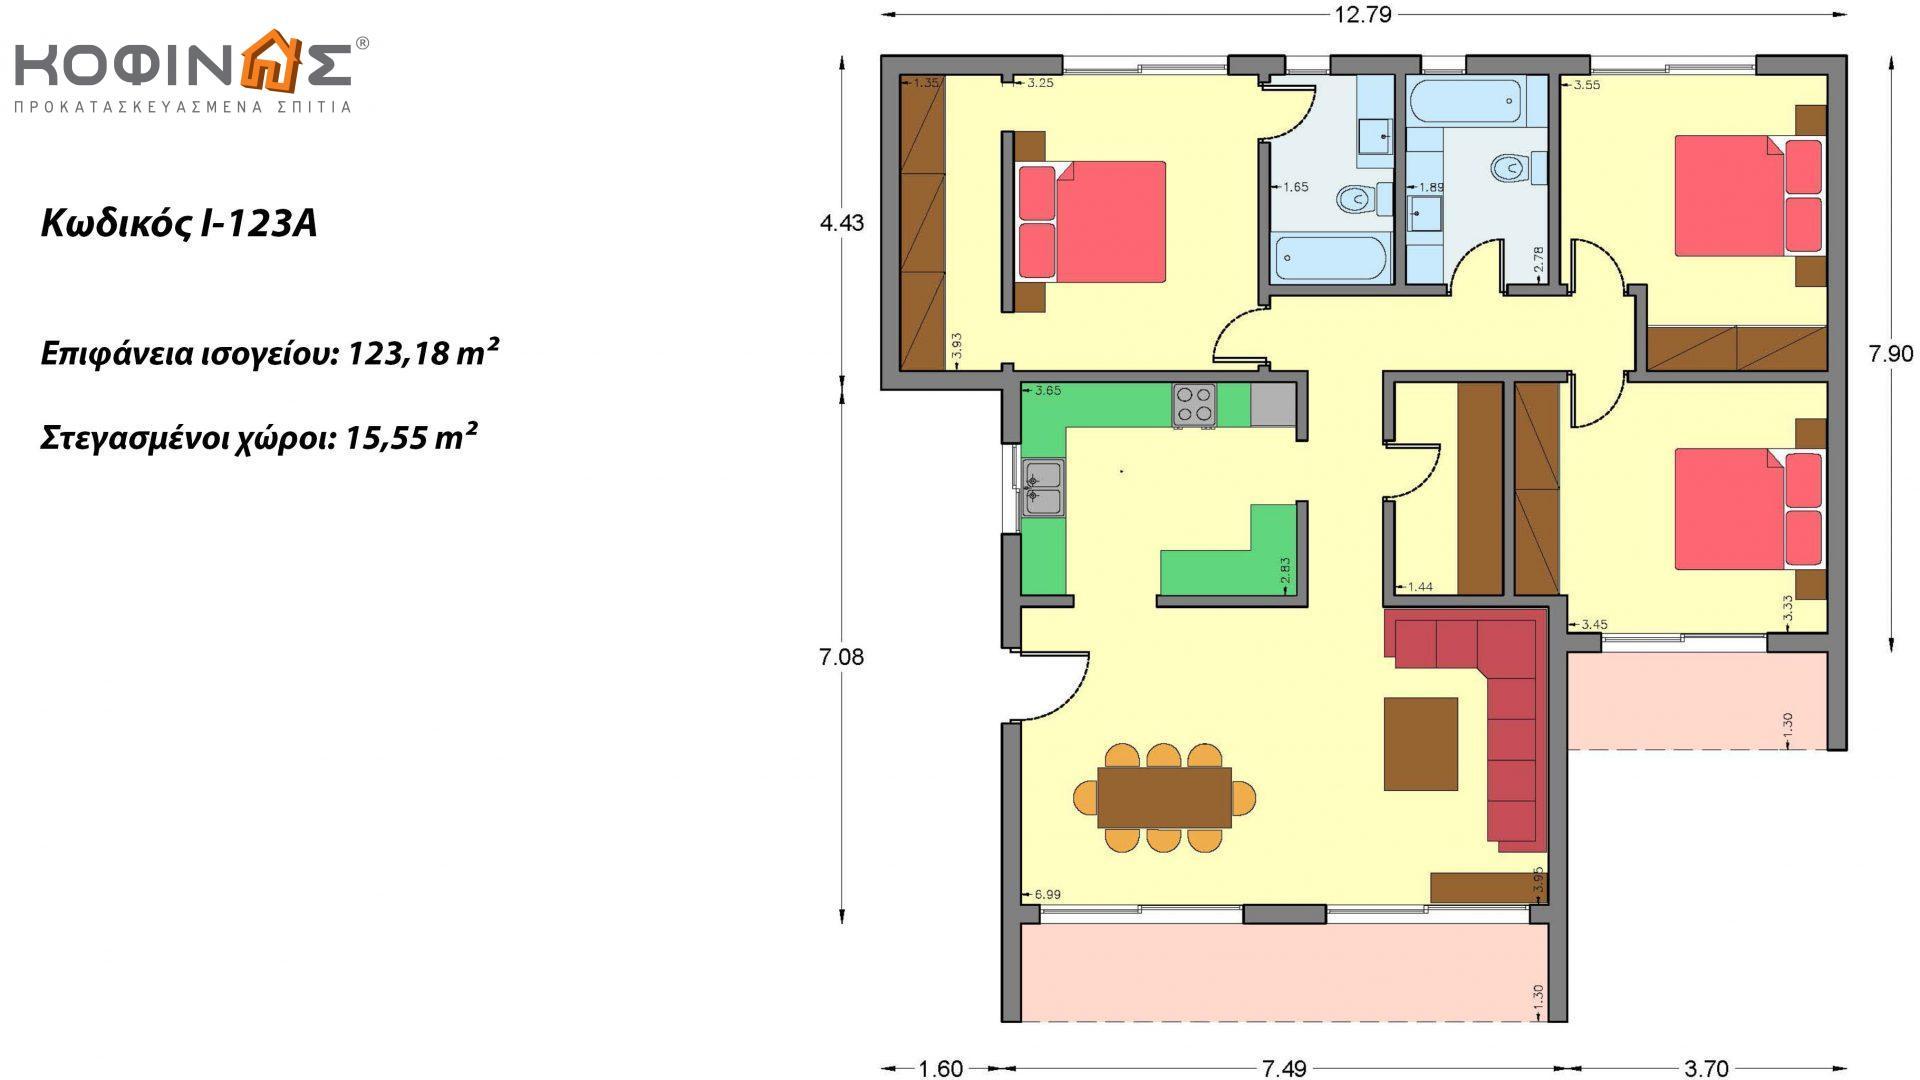 Ισόγεια Κατοικία I-123A, συνολικής επιφάνειας 123,18 τ.μ., στεγασμένοι χώροι 15,55 τ.μ.